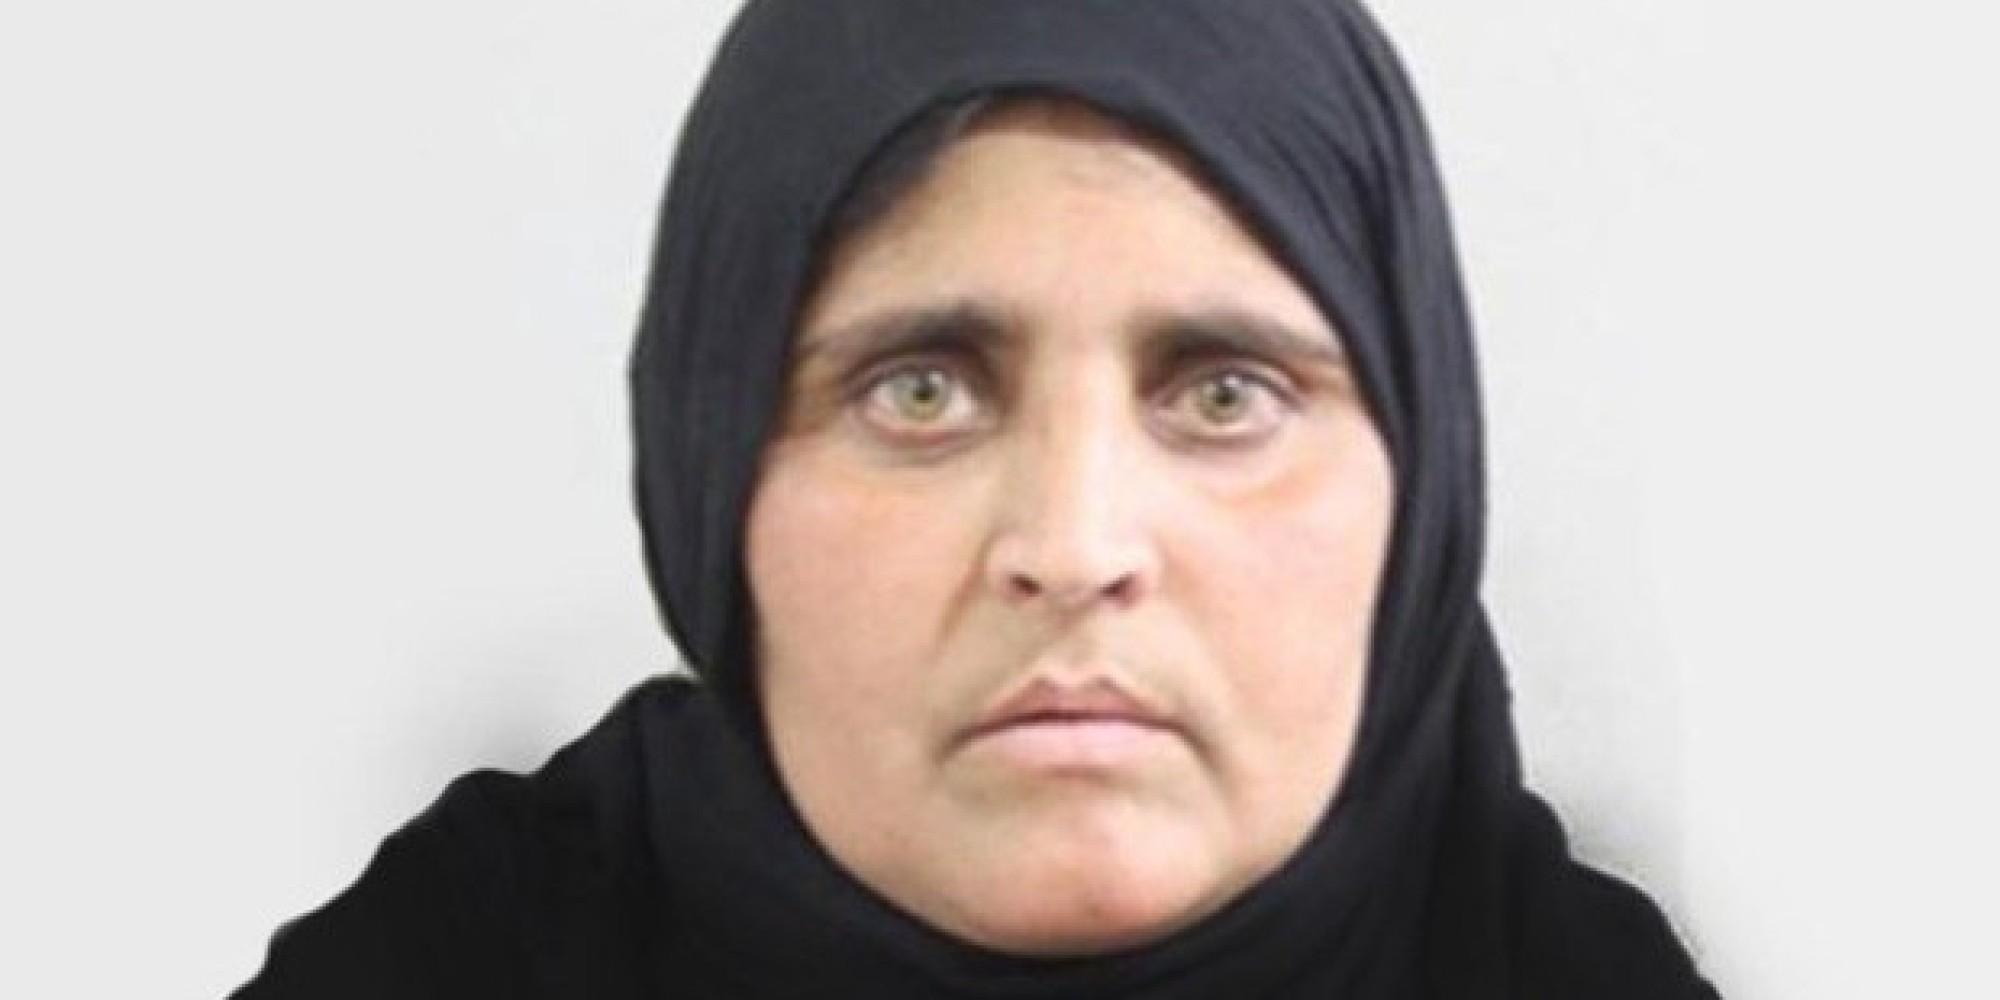 Afghan girl photo date